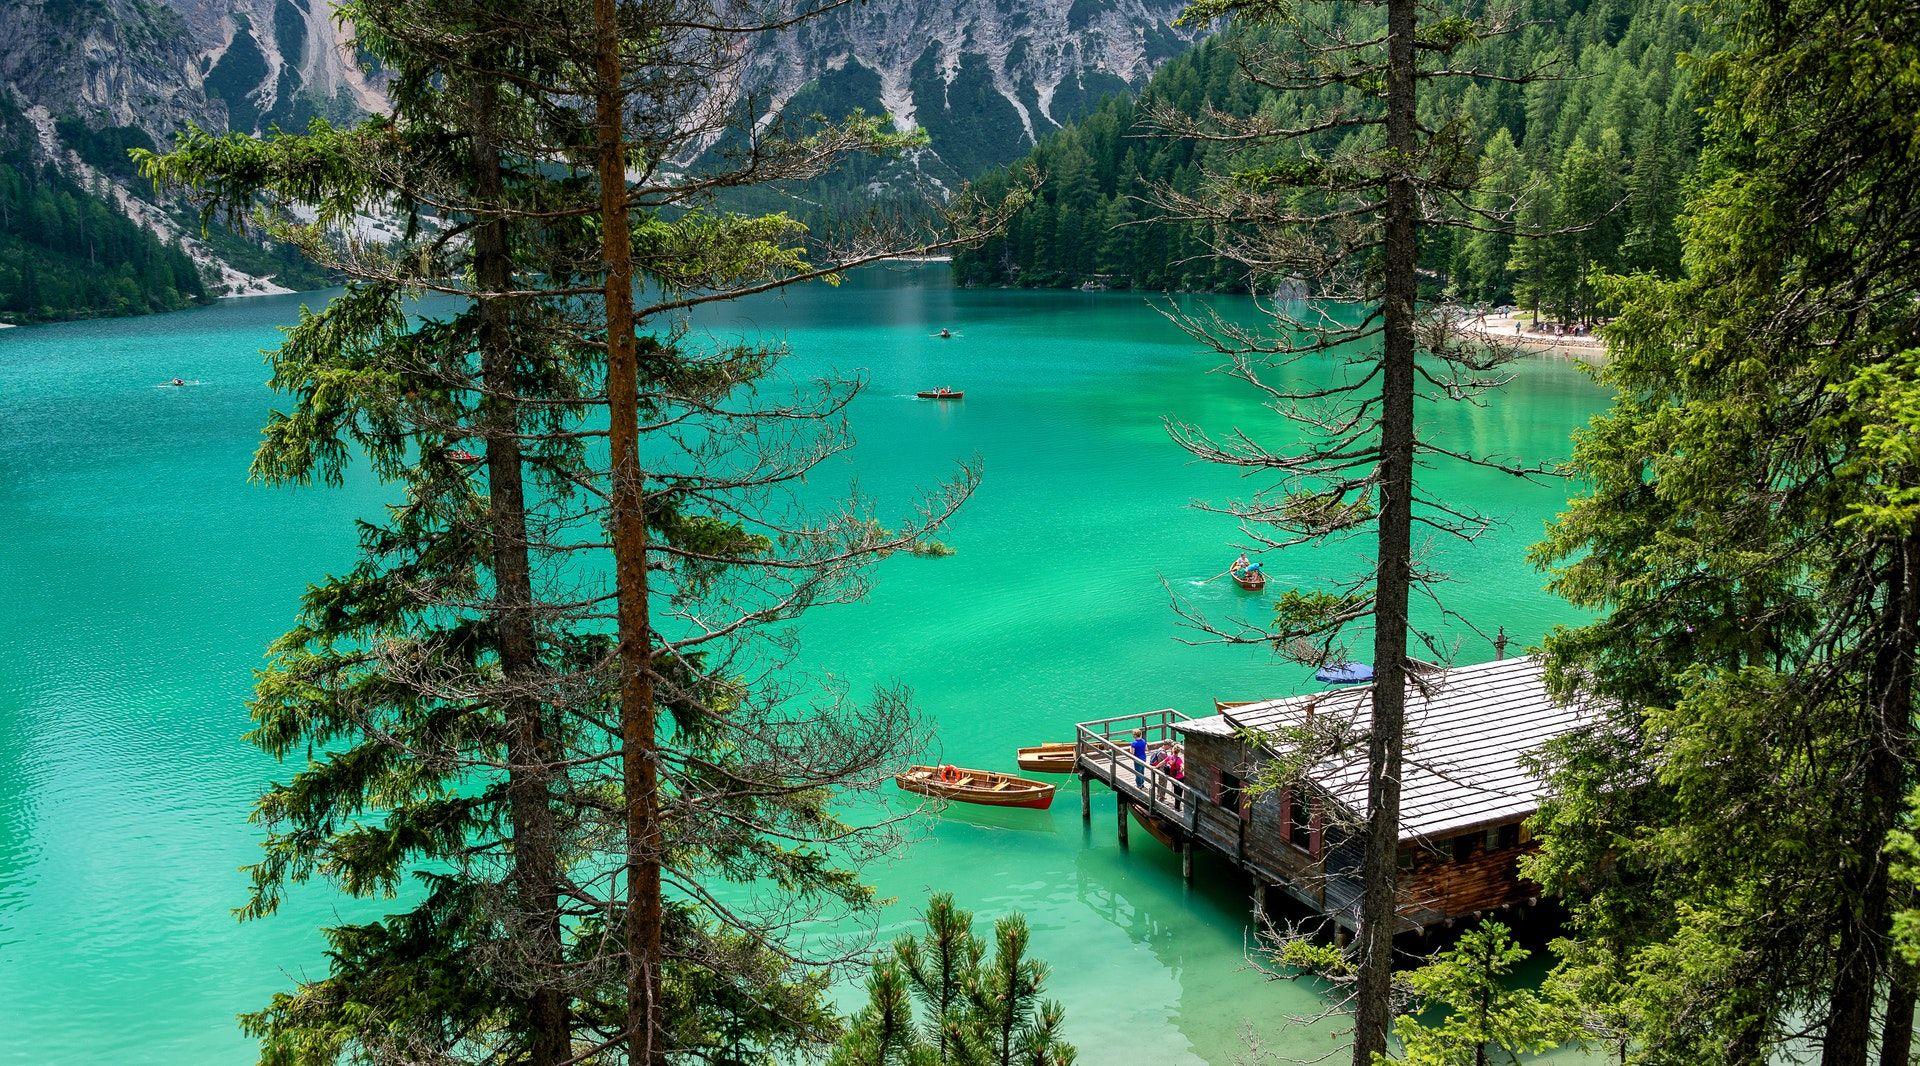 عکس زمینه اسکله چوبی در آب سبز پس زمینه